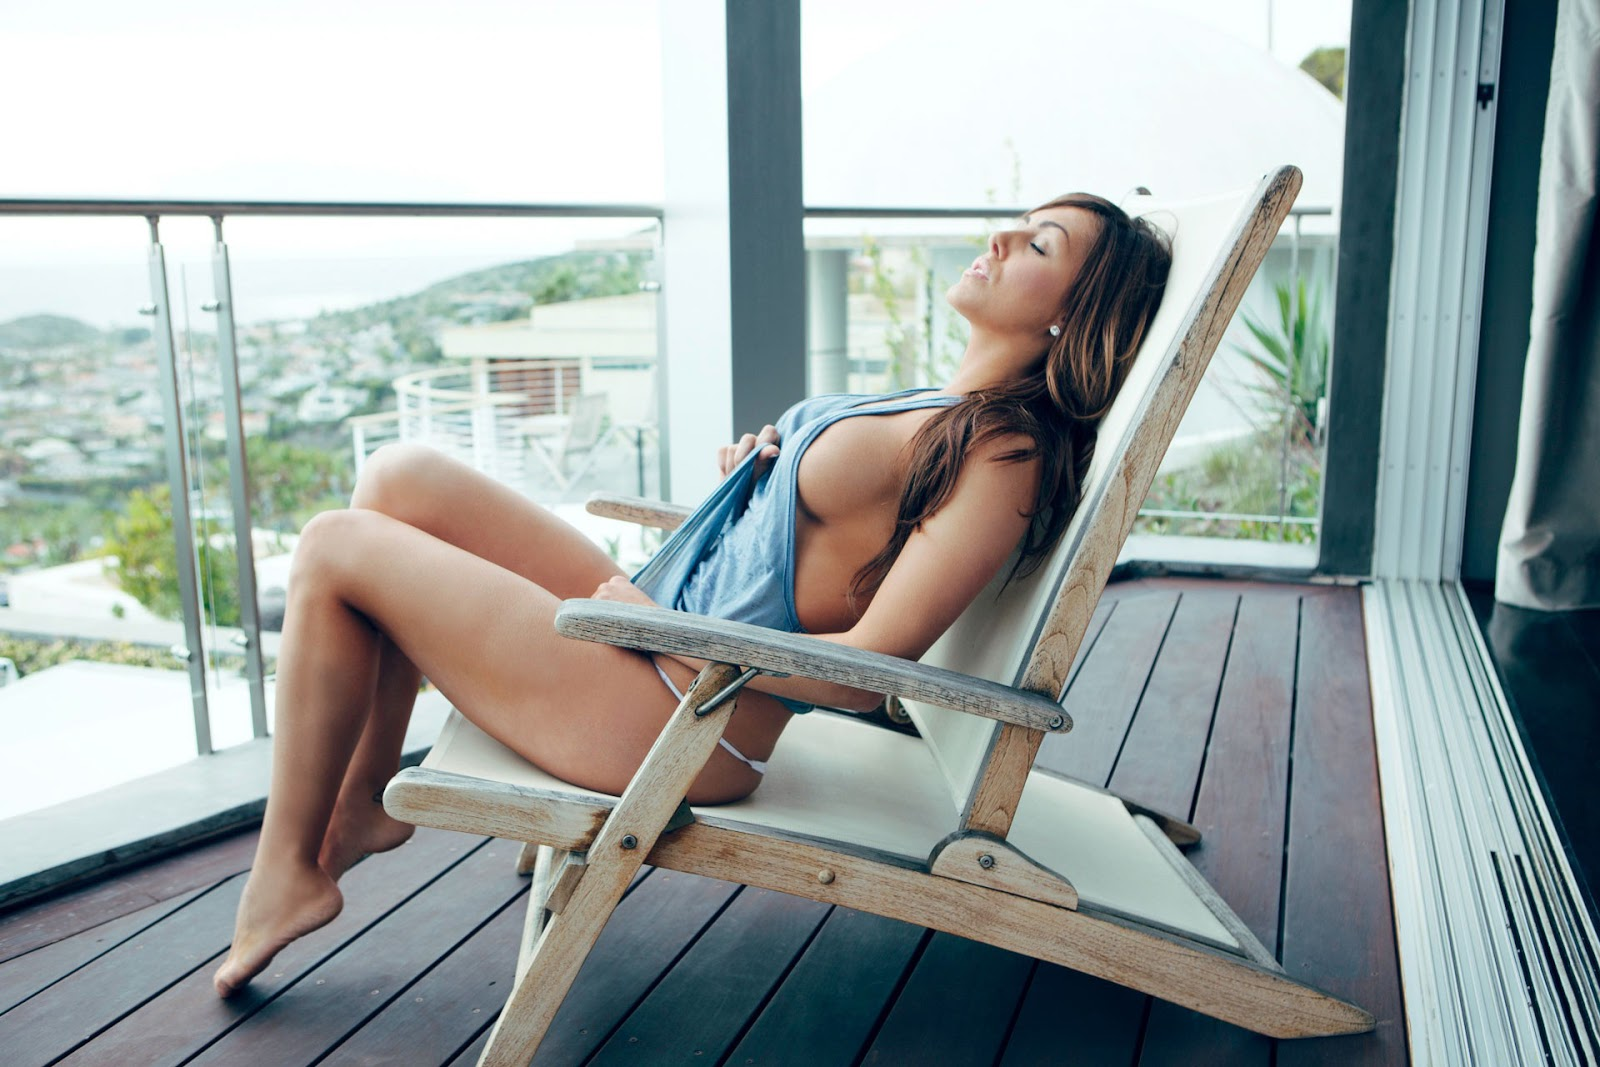 Babe Topless In Bikini